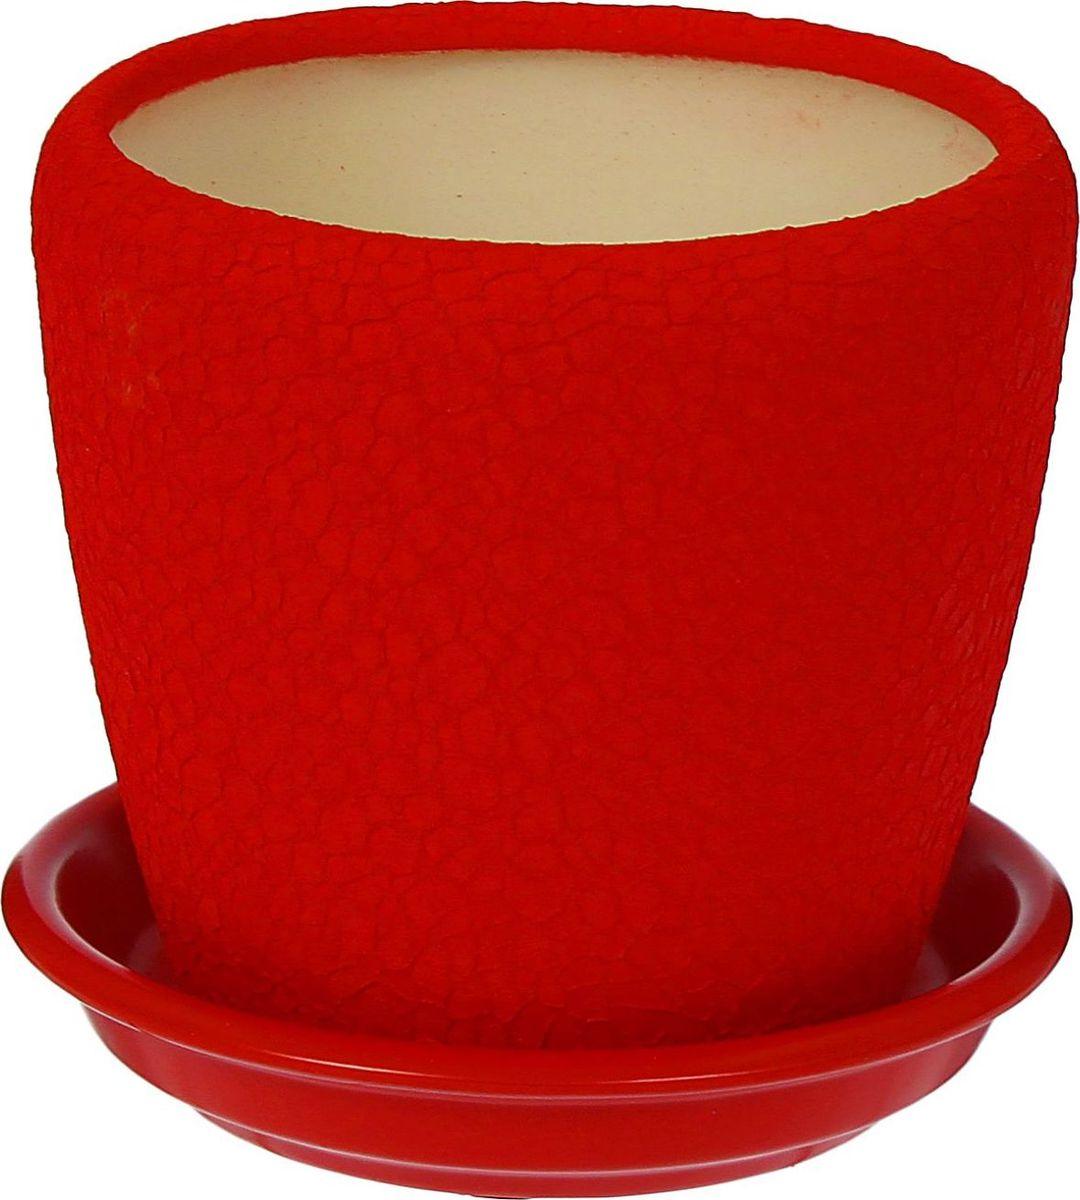 Кашпо Керамика ручной работы Грация, цвет: красный, 1,2 л1309267Комнатные растения — всеобщие любимцы. Они радуют глаз, насыщают помещение кислородом и украшают пространство. Каждому из них необходим свой удобный и красивый дом. Кашпо из керамики прекрасно подходят для высадки растений: за счет пластичности глины и разных способов обработки существует великое множество форм и дизайнов пористый материал позволяет испаряться лишней влаге воздух, необходимый для дыхания корней, проникает сквозь керамические стенки! позаботится о зеленом питомце, освежит интерьер и подчеркнет его стиль.